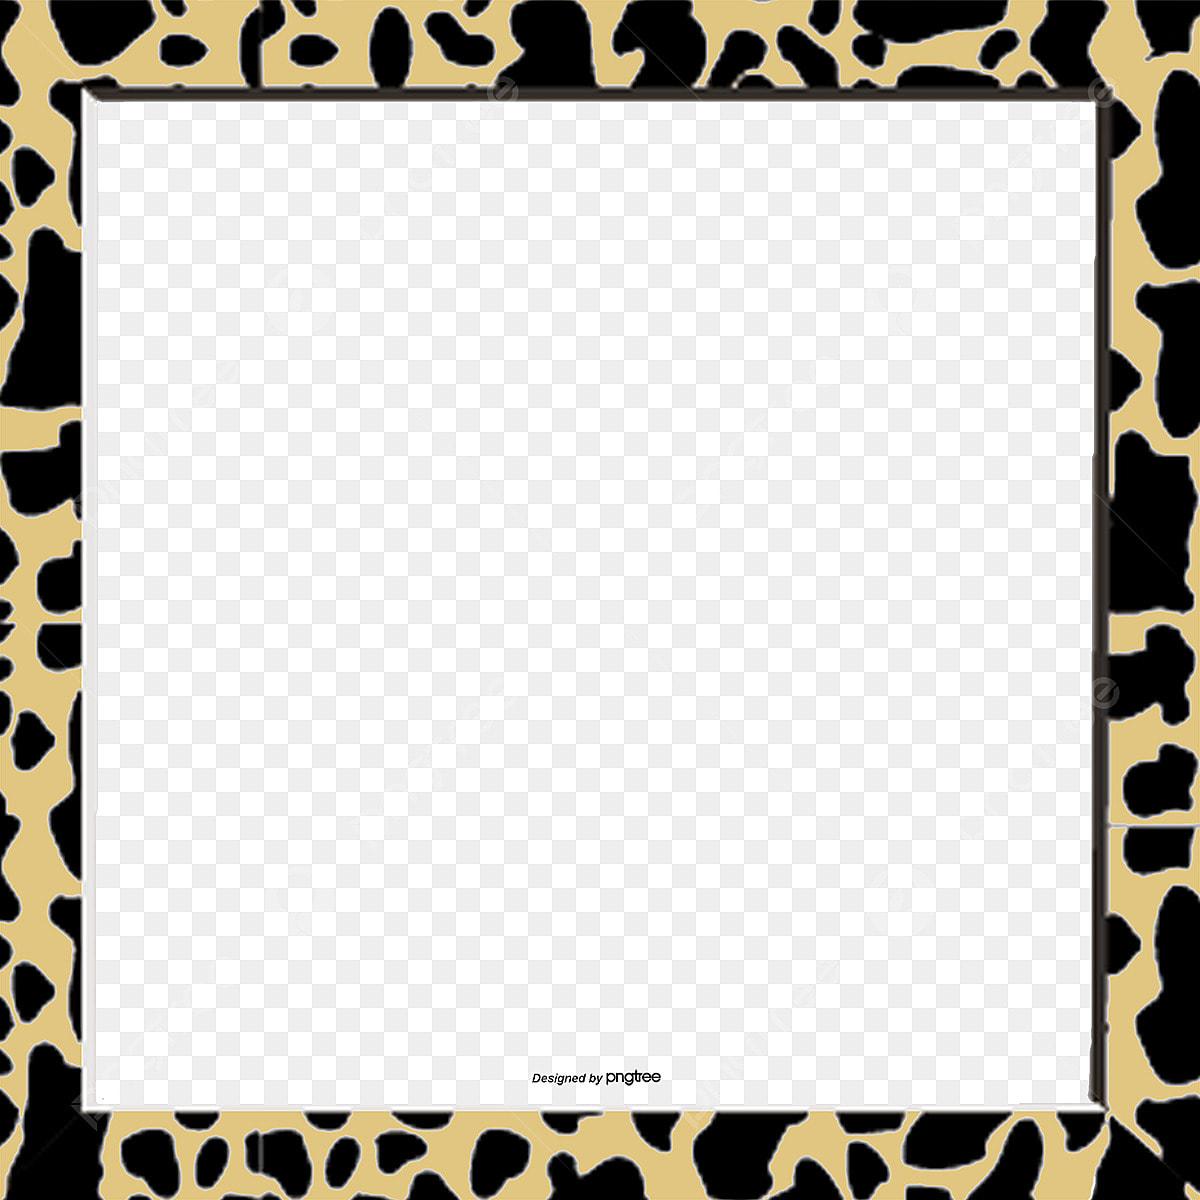 豹柄フレーム 額ぶち アイデア 豹柄画像とpsd素材ファイルの無料ダウンロード Pngtree